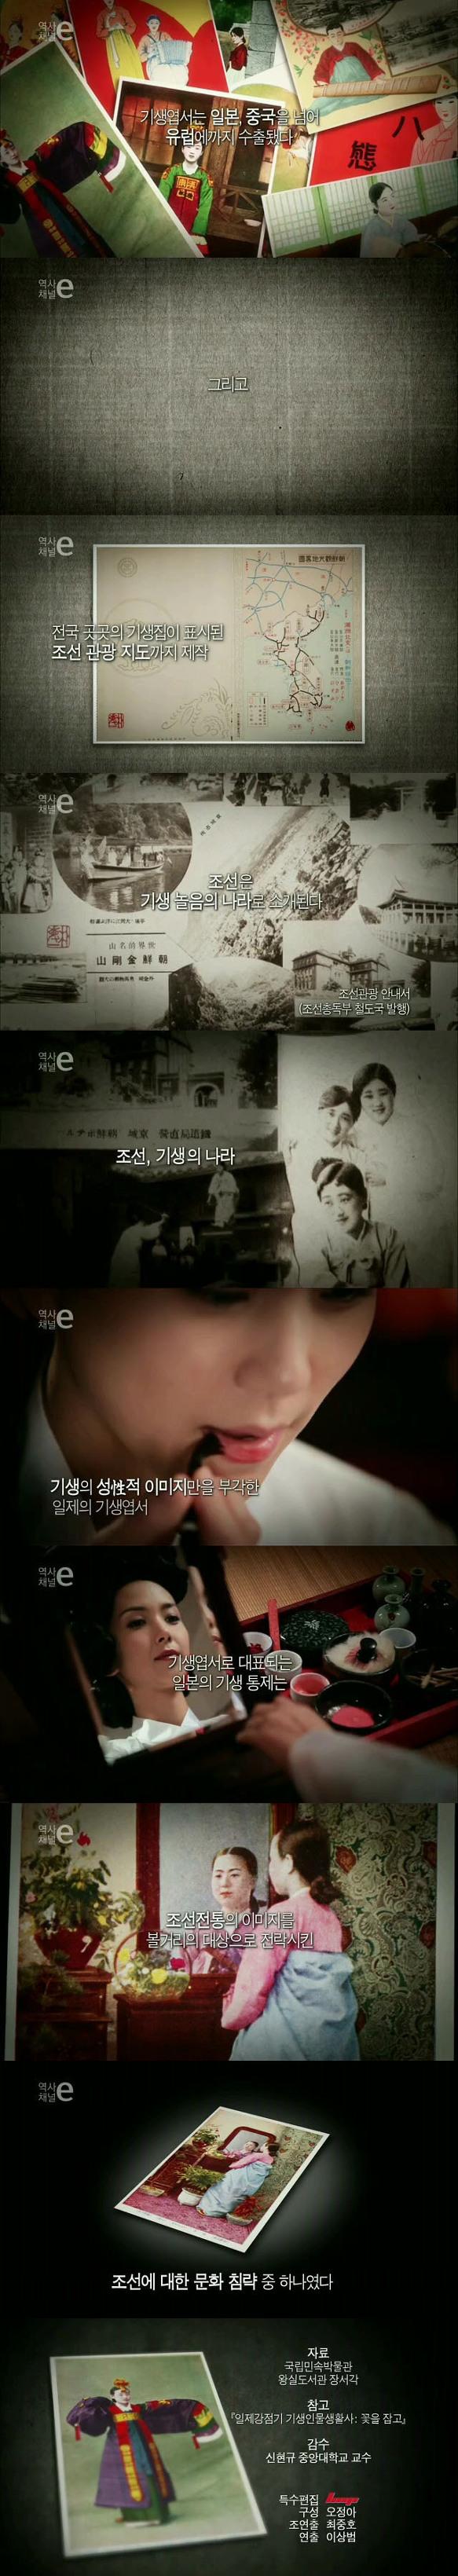 조선의 기생